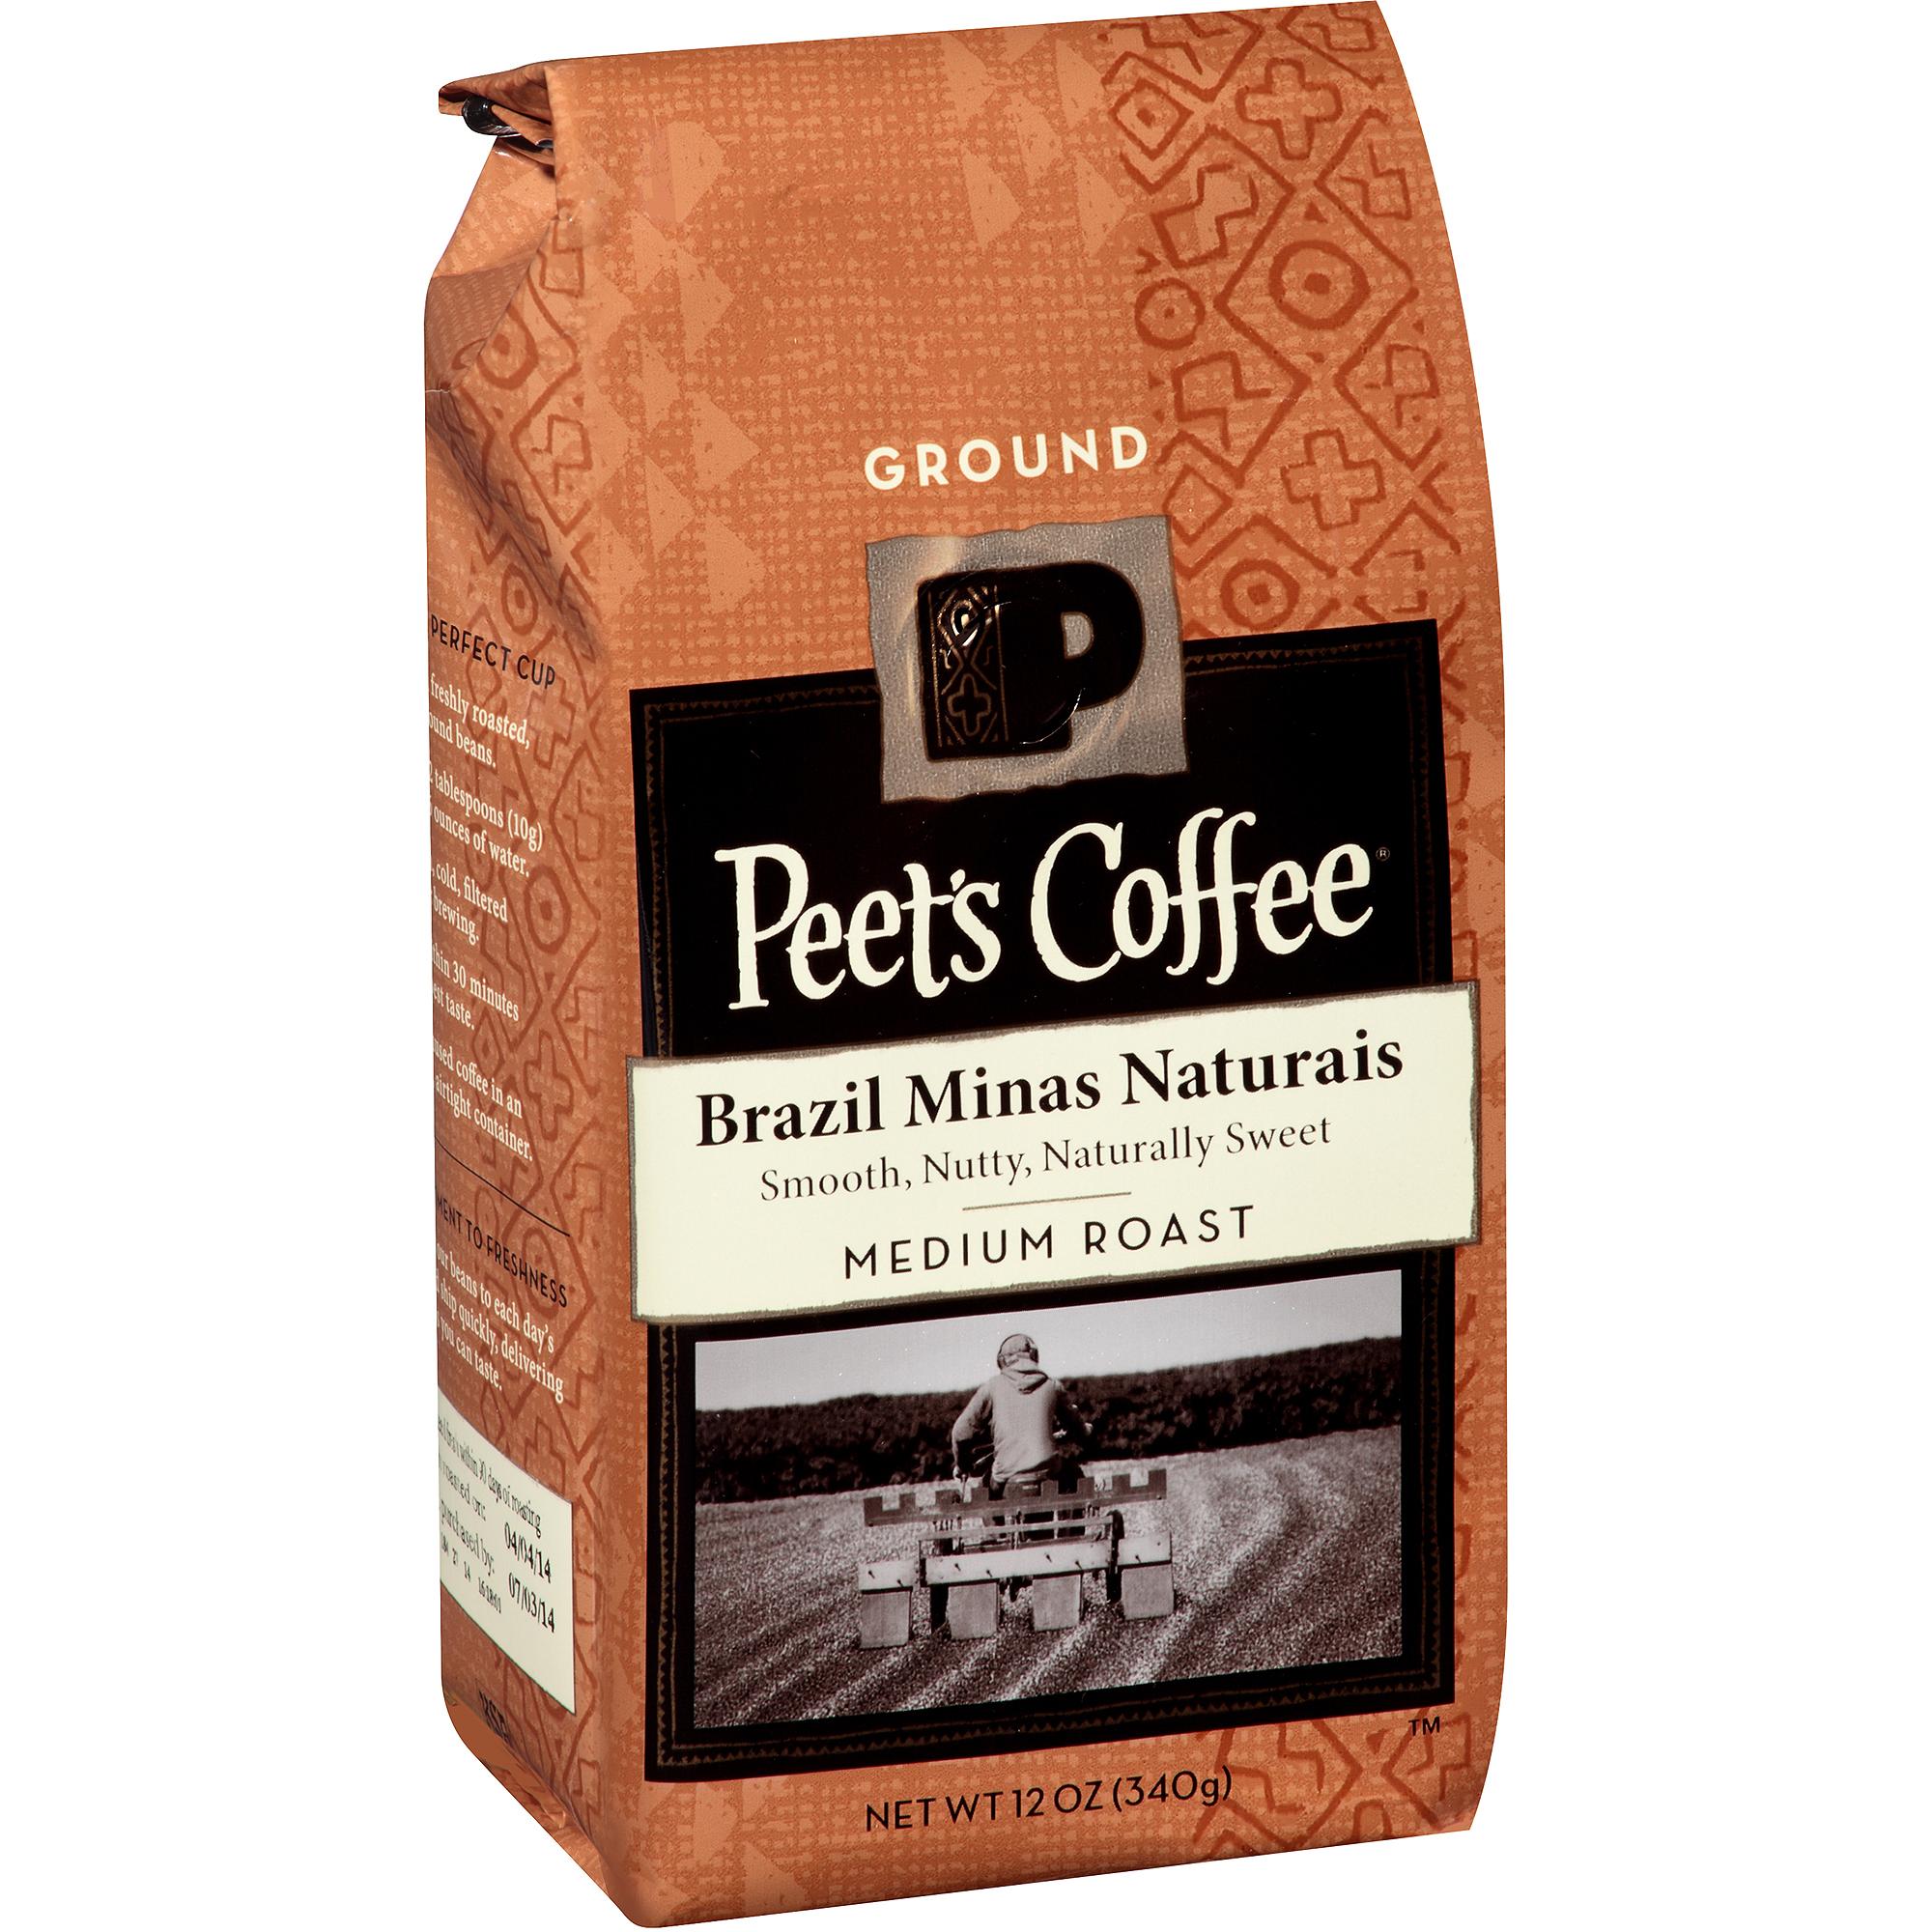 Peet's Coffee Brazil Minas Naturais Medium Roast Ground Coffee, 12 oz